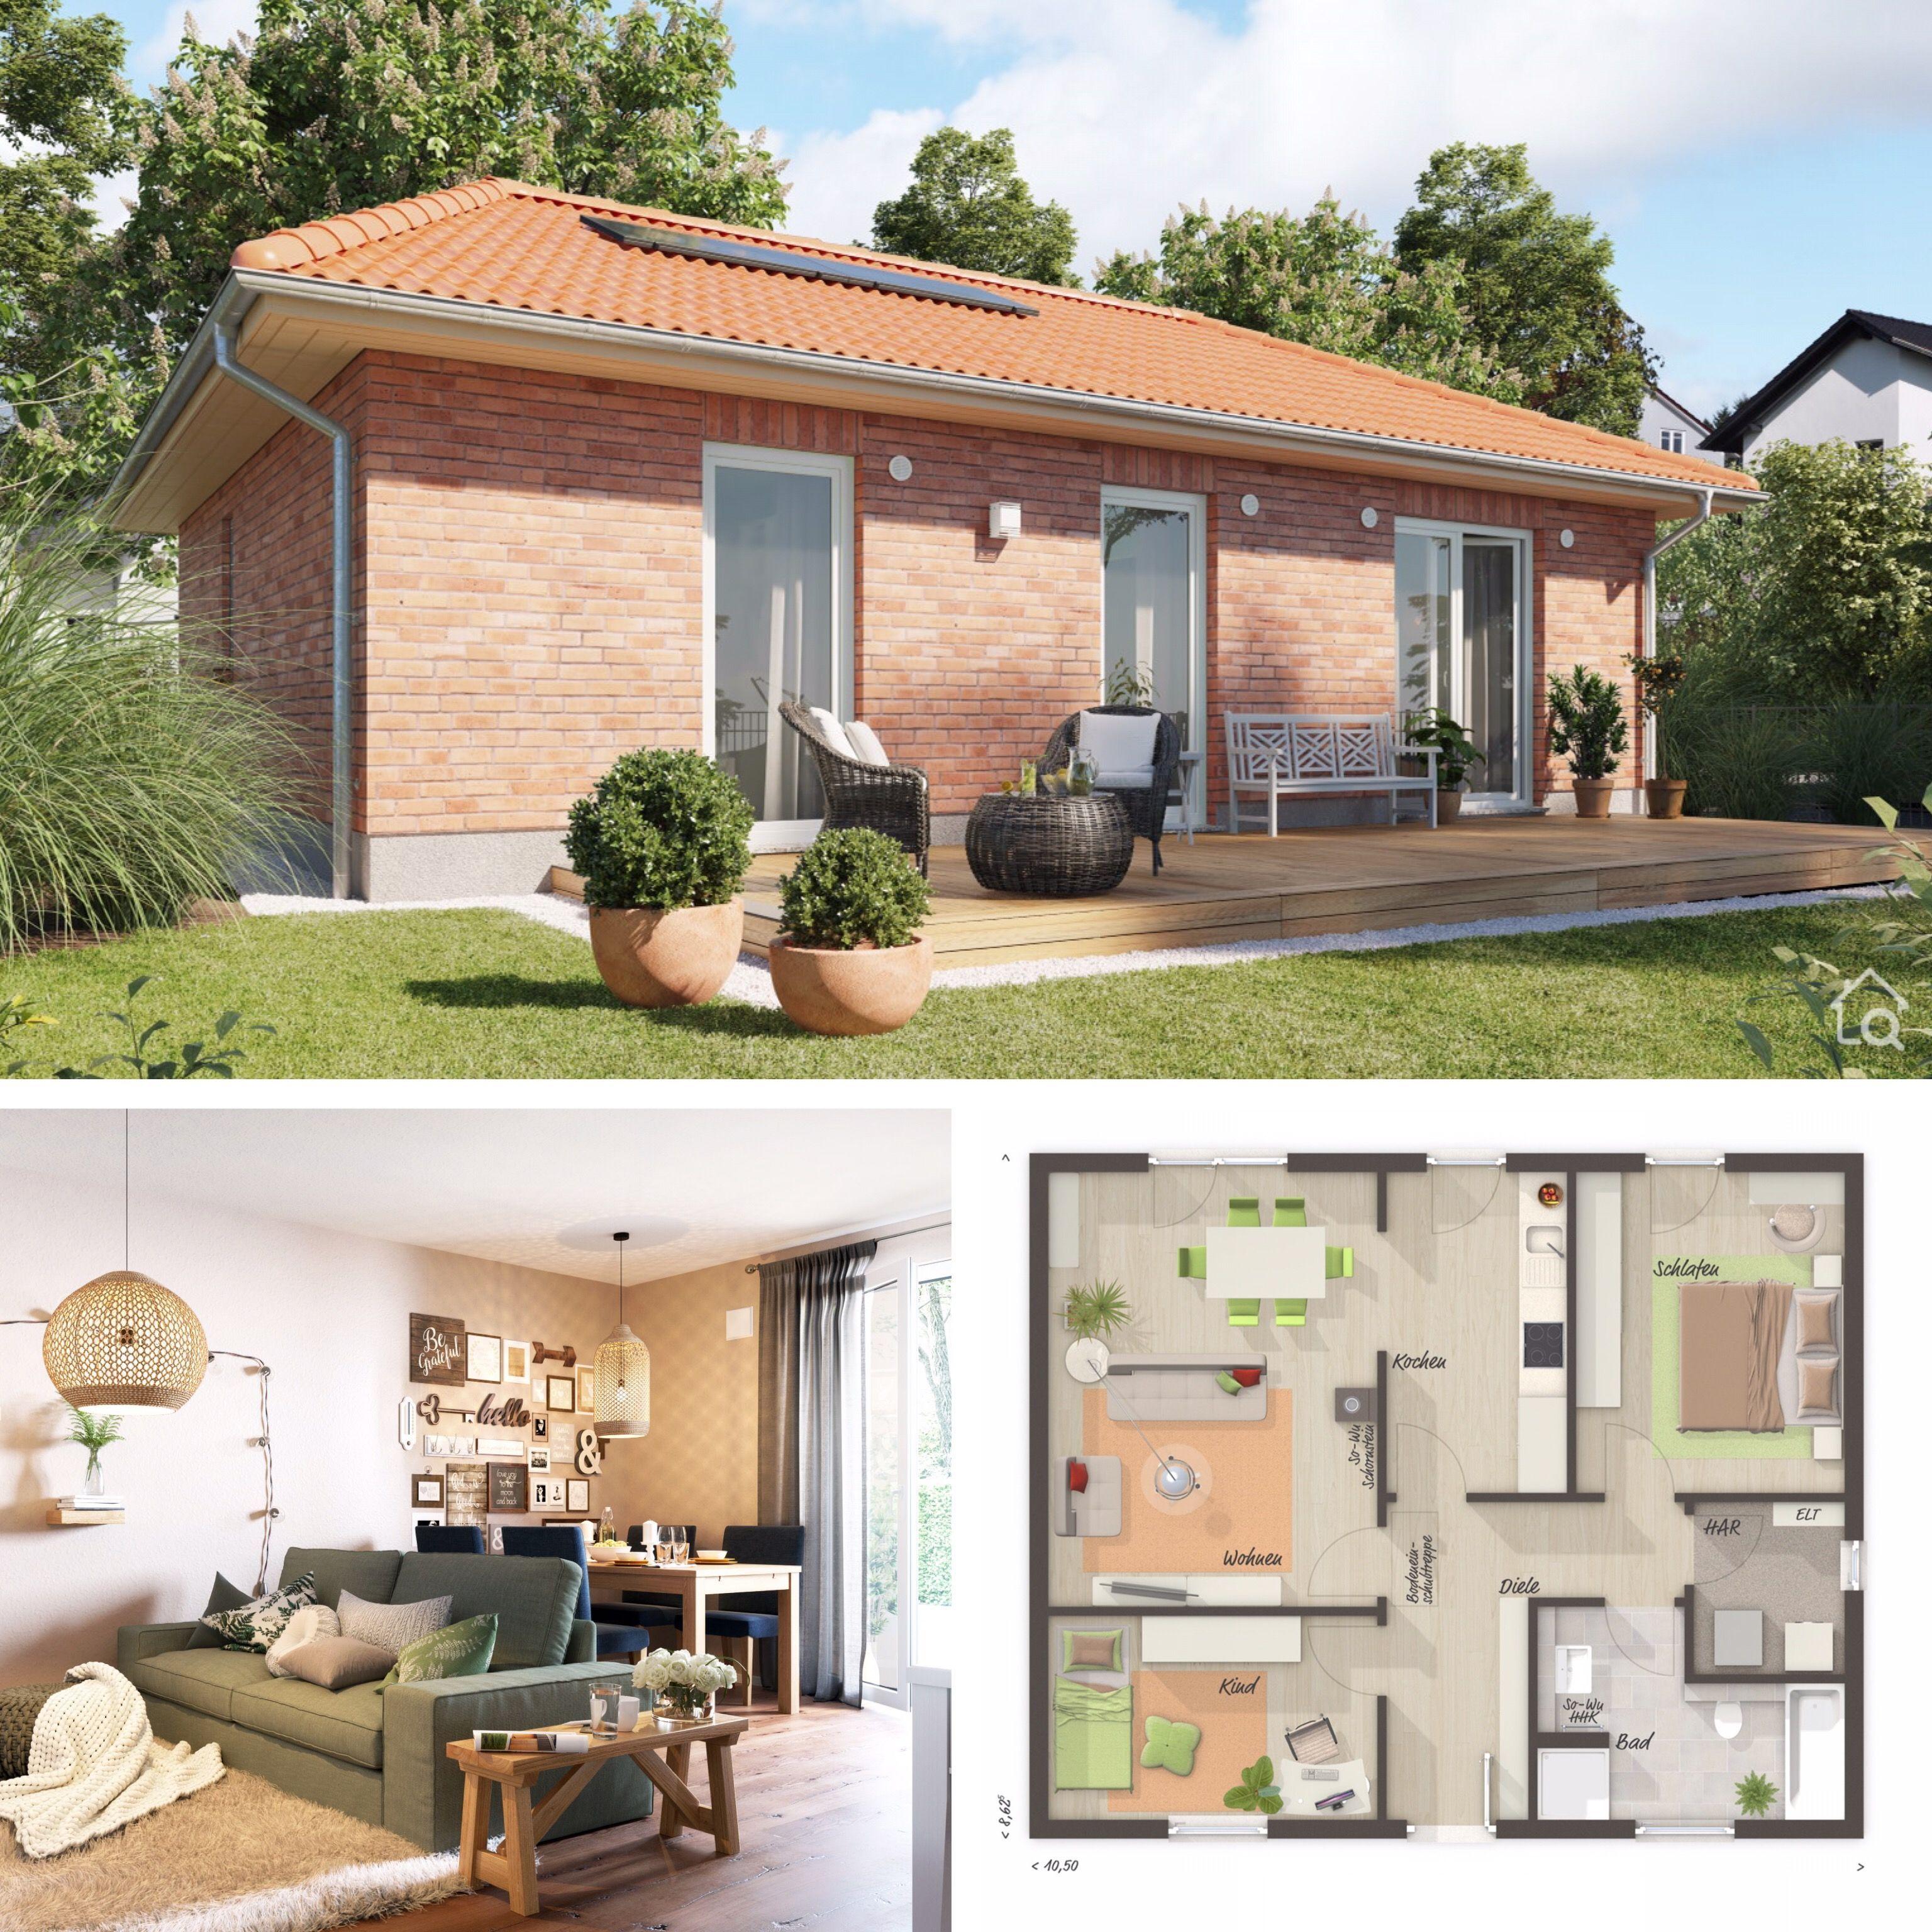 Kleiner Bungalow mit Klinker Fassade & Walmdach